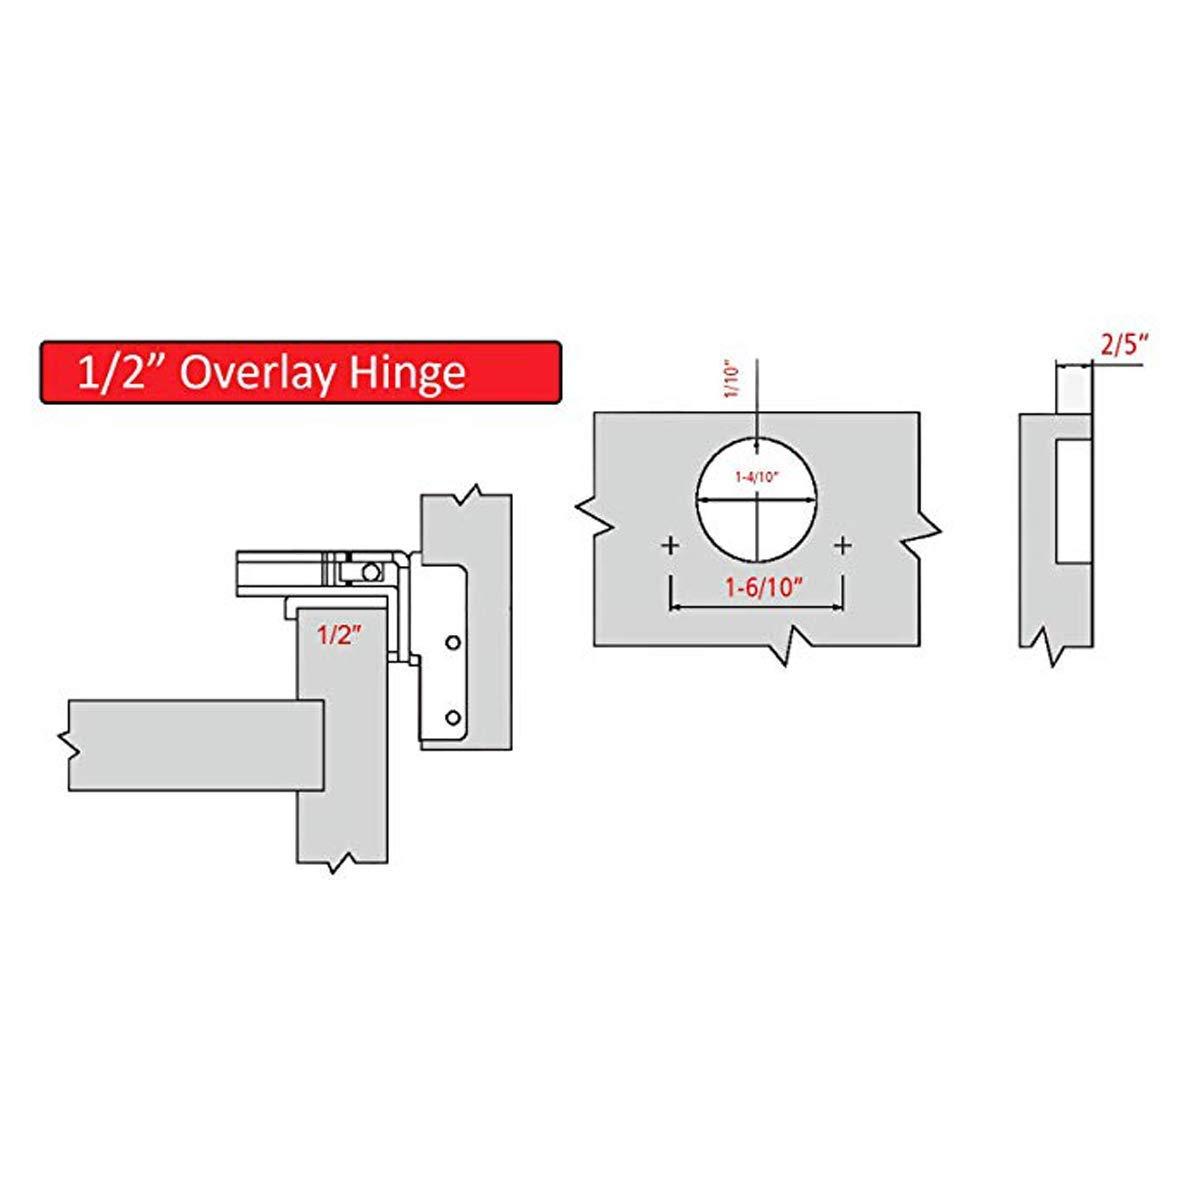 AmazonBasics Soft Close Hinge, 1/2'' Overlay, Nickel Plated, 50-Pack (Renewed) by AmazonBasics (Image #4)